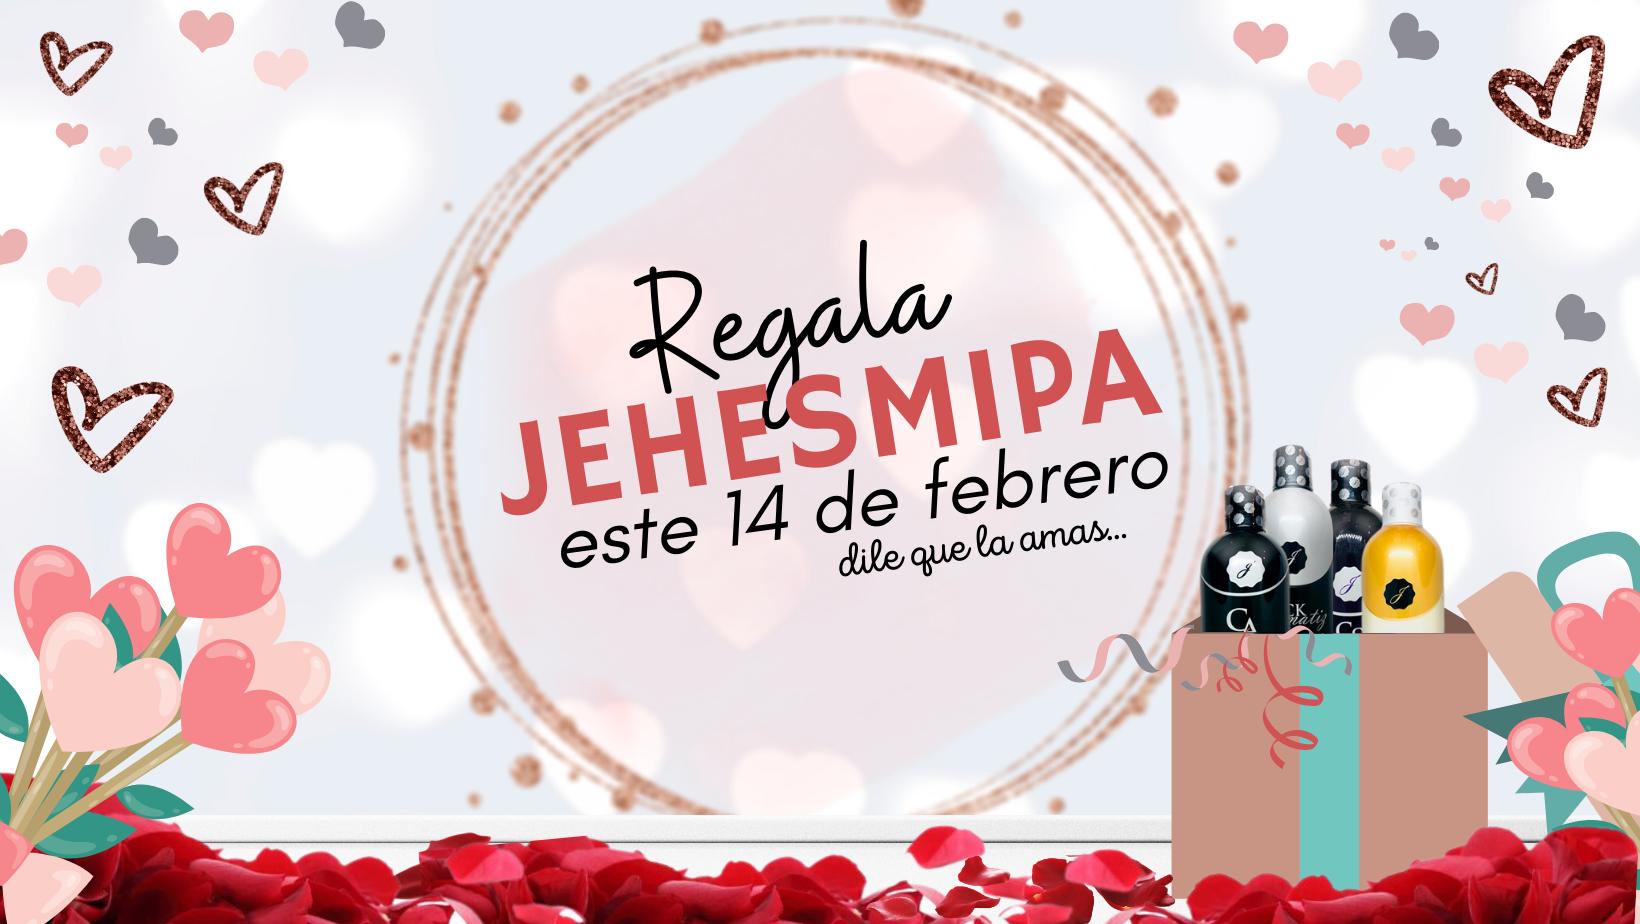 ESTE 14 DE FEBRERO, REGALA JEHESMIPA :)